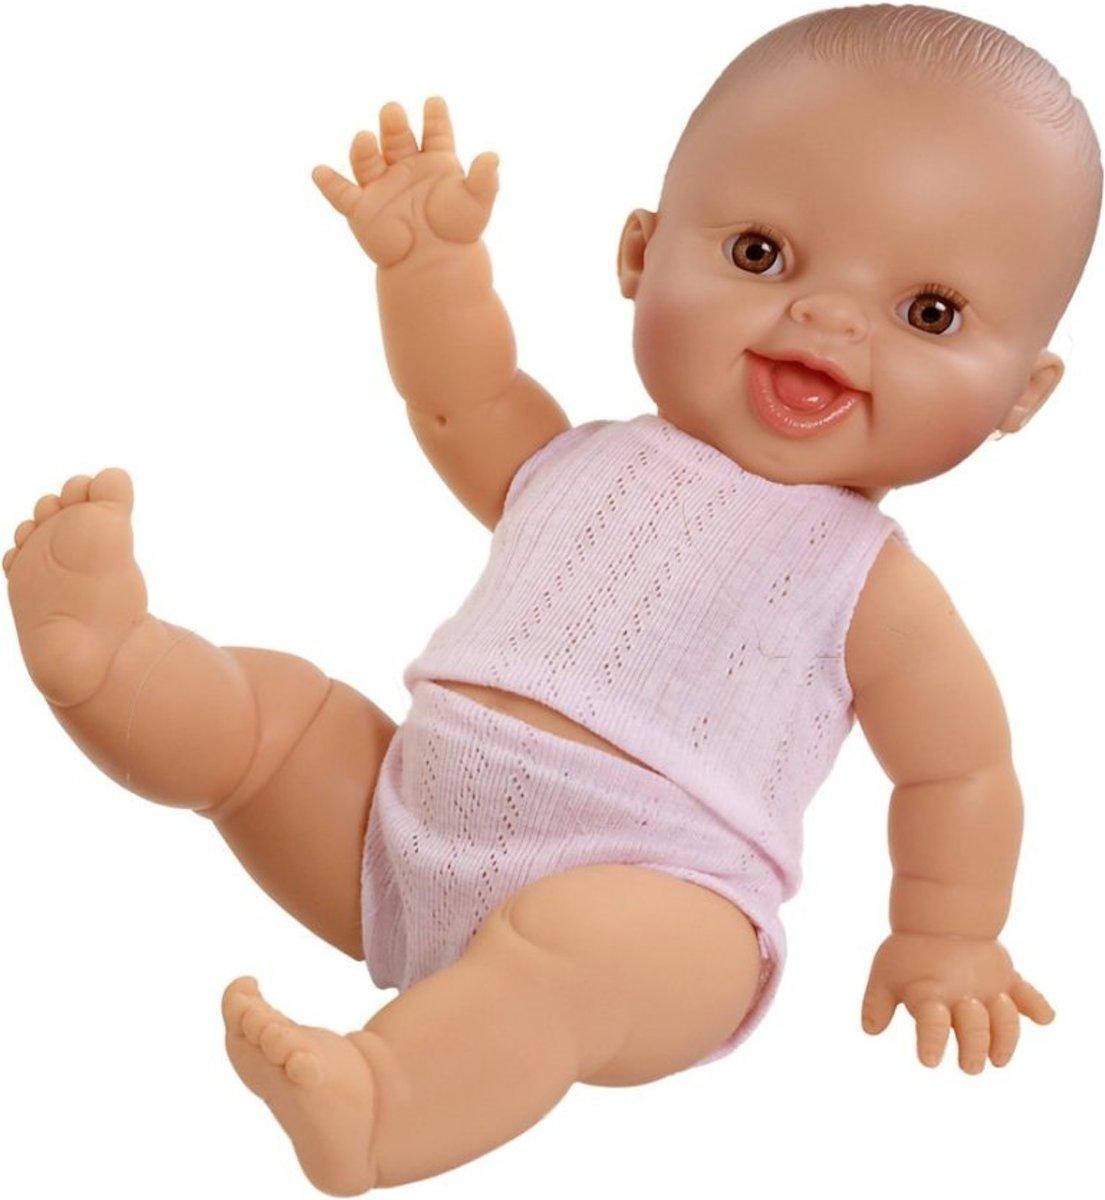 Paola Reina pop Gordi lachend meisje met ondergoed pop babypop